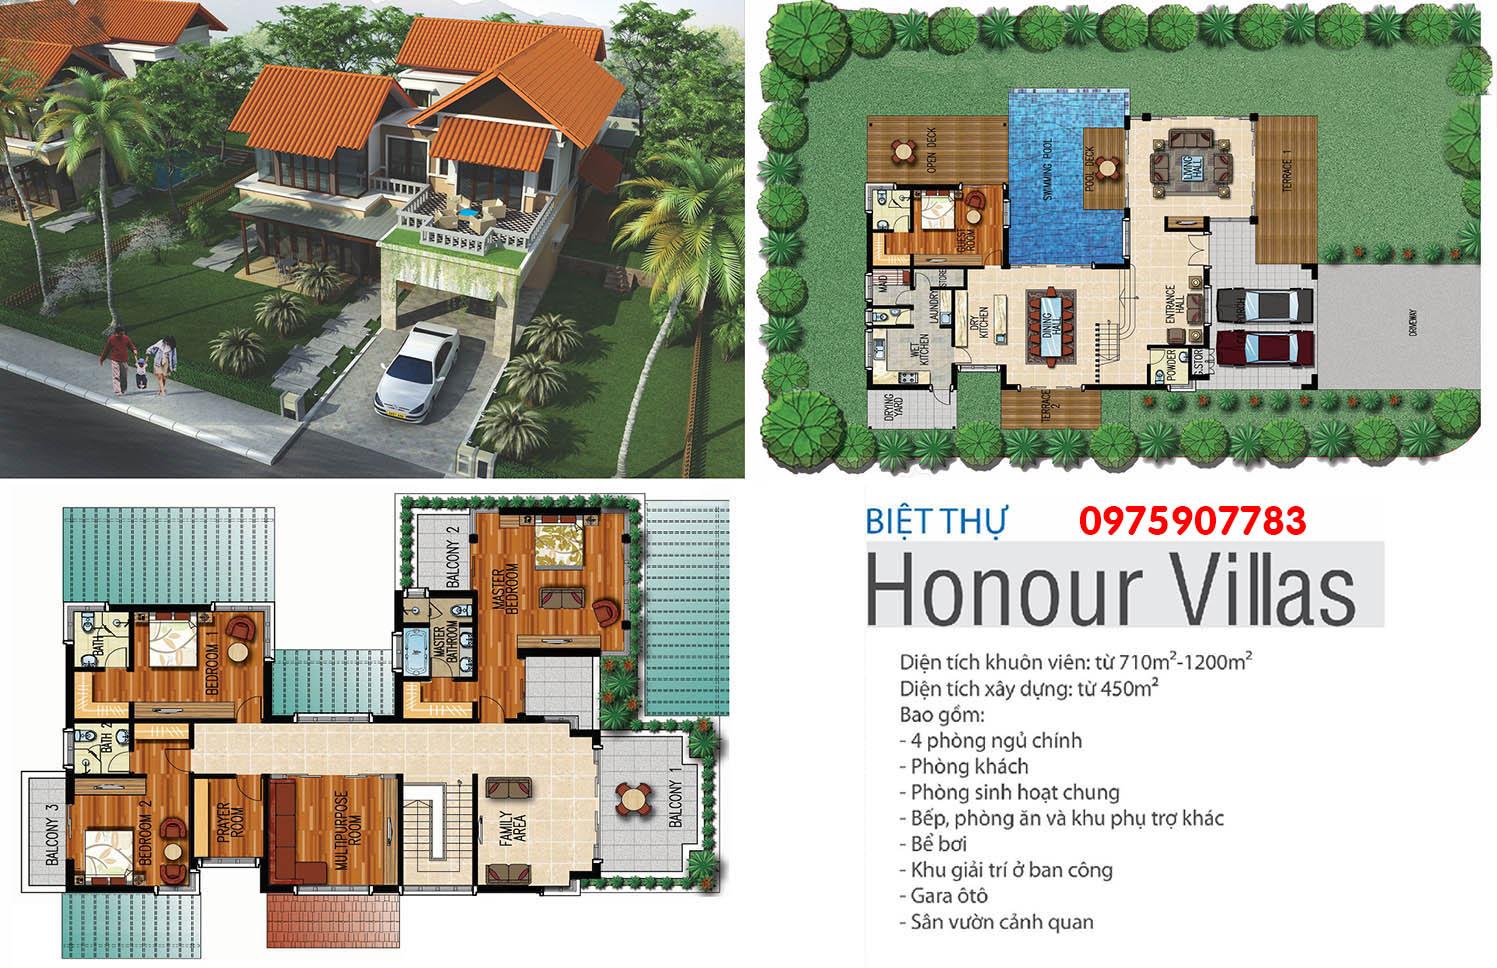 Xanh Villas - biệt thự Honour